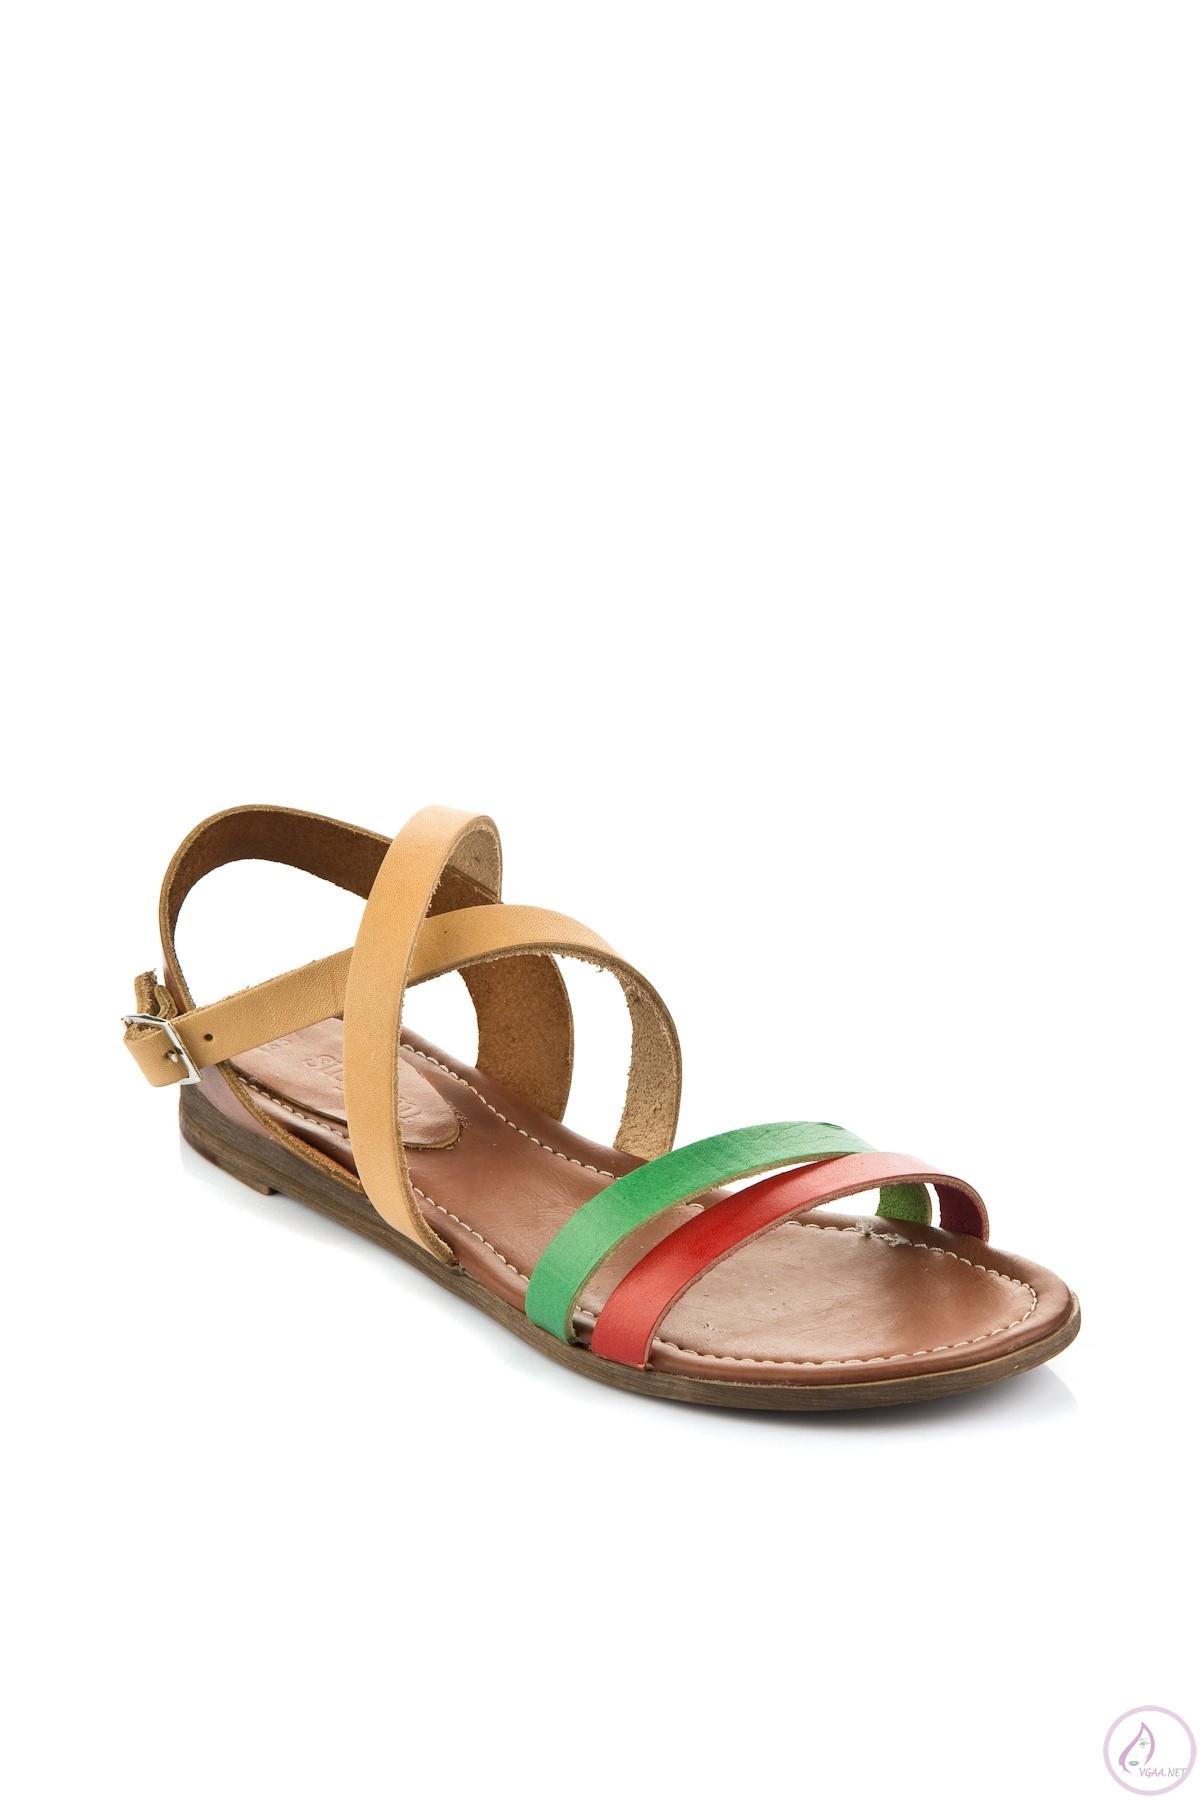 2014-sandalet-modeller-24